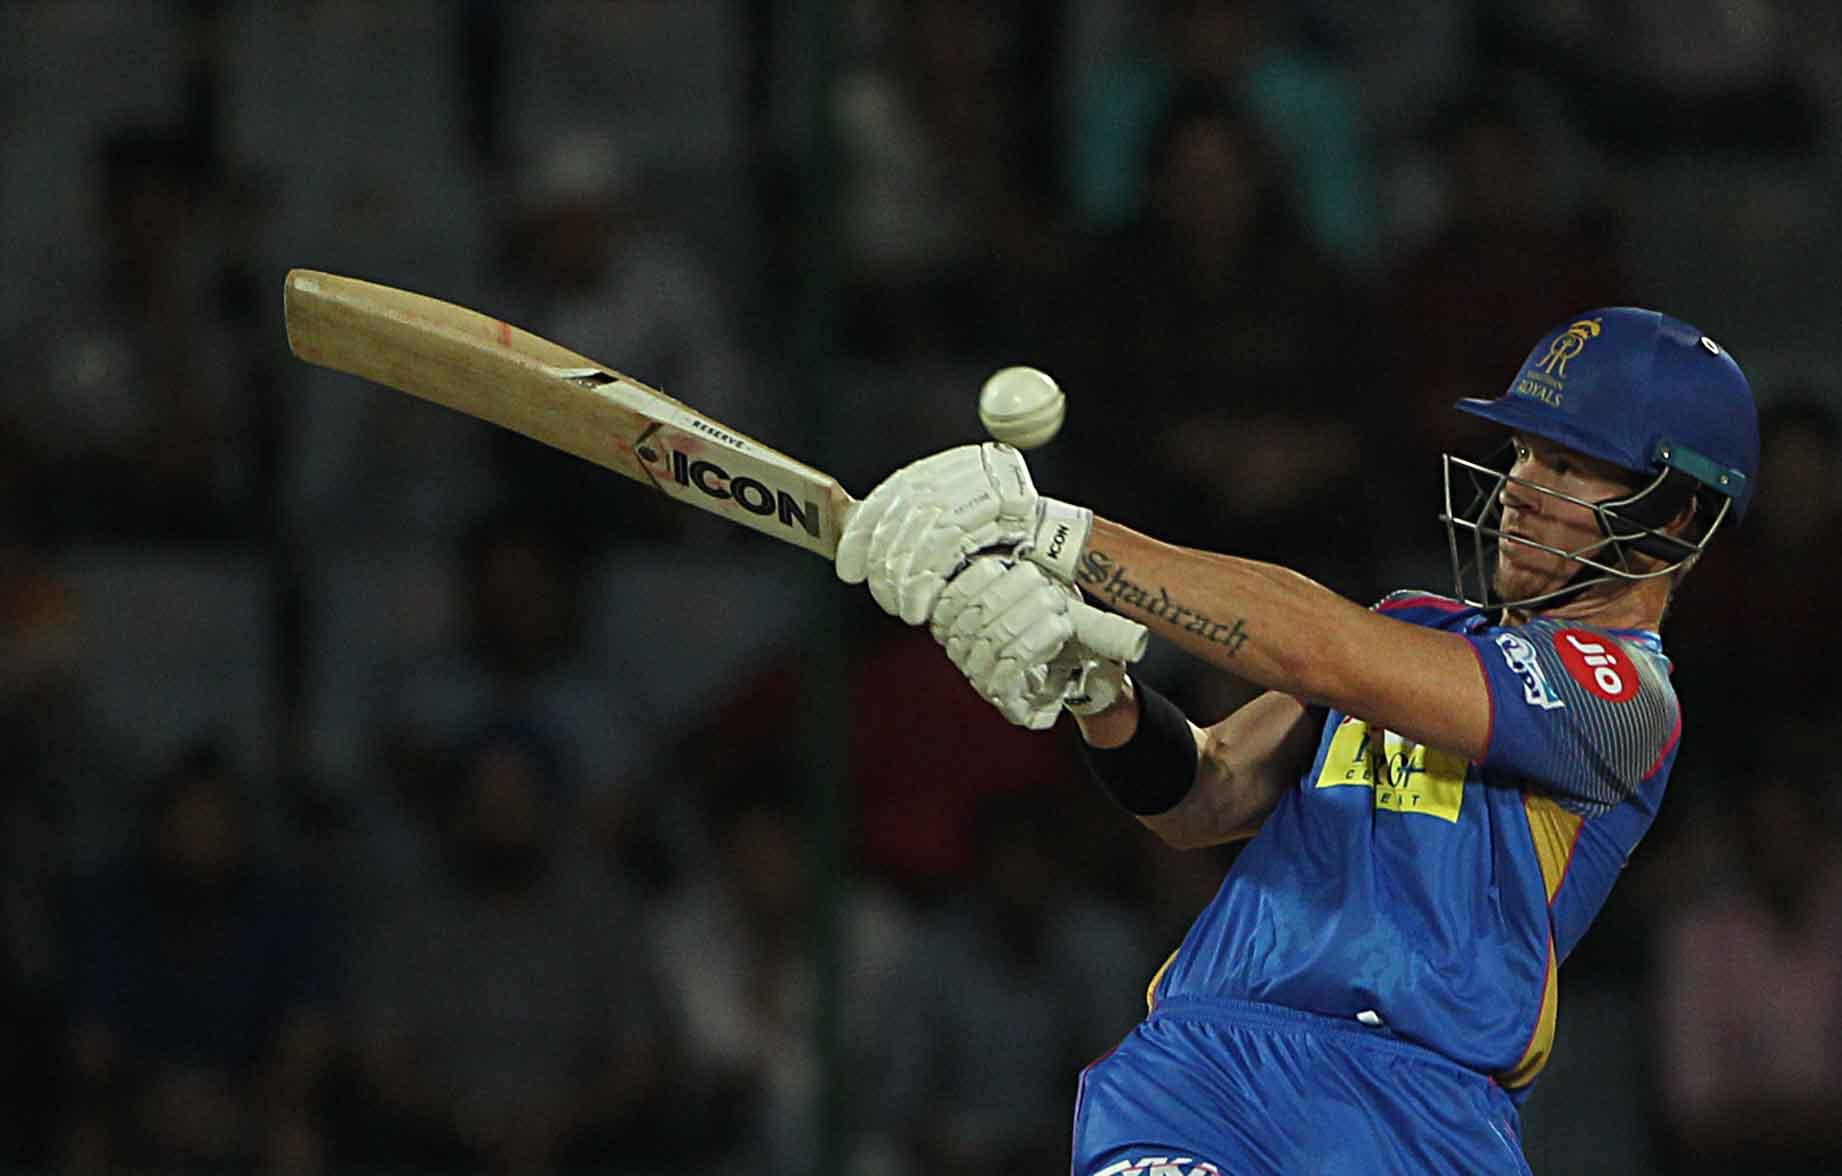 आईपीएल 2018 के दौरान राजस्थान रॉयल्स डीएआरसी एक्शन इन एक्शन फोटो